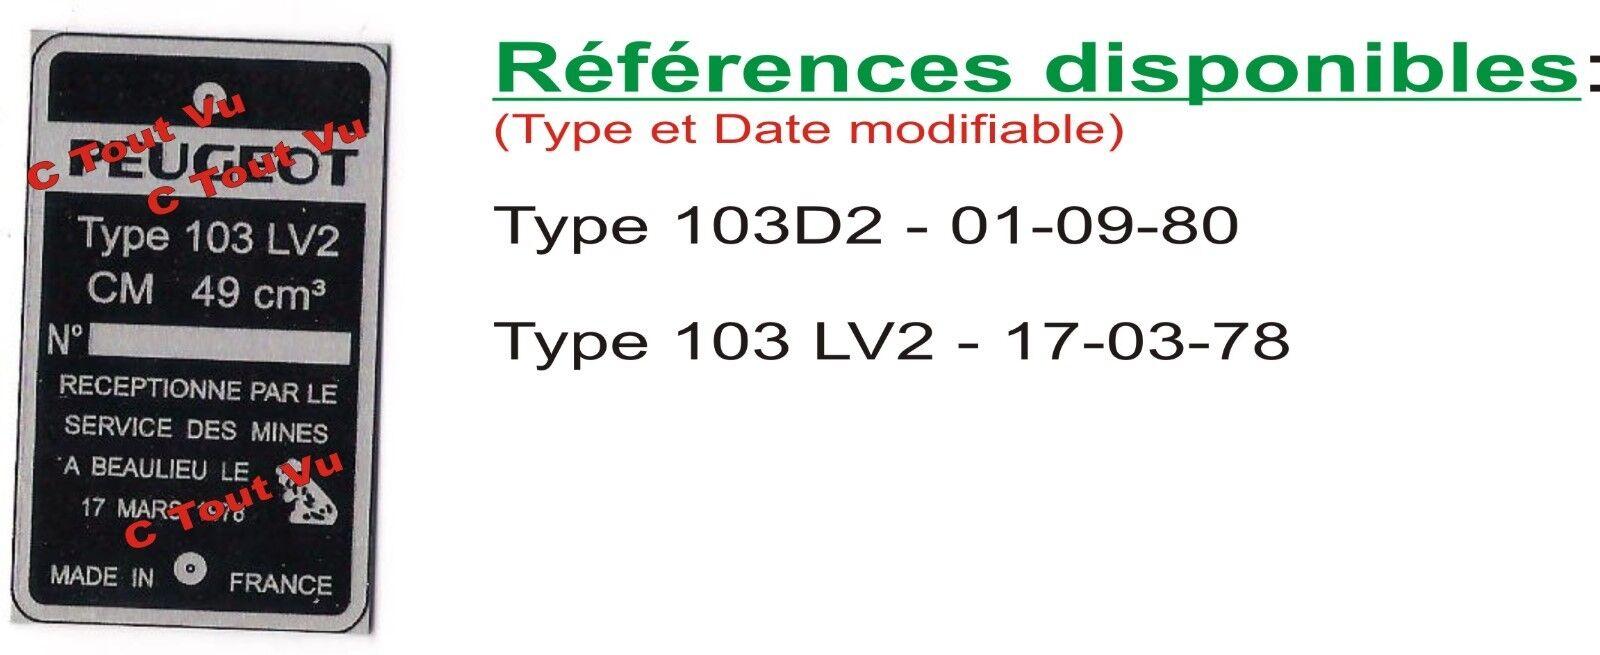 PLAQUE CONSTRUCTEUR  PEUGEOT 103 D2, 103 LV2 – VIN PLATE PEUGEOT 103 D2, 103 LV2